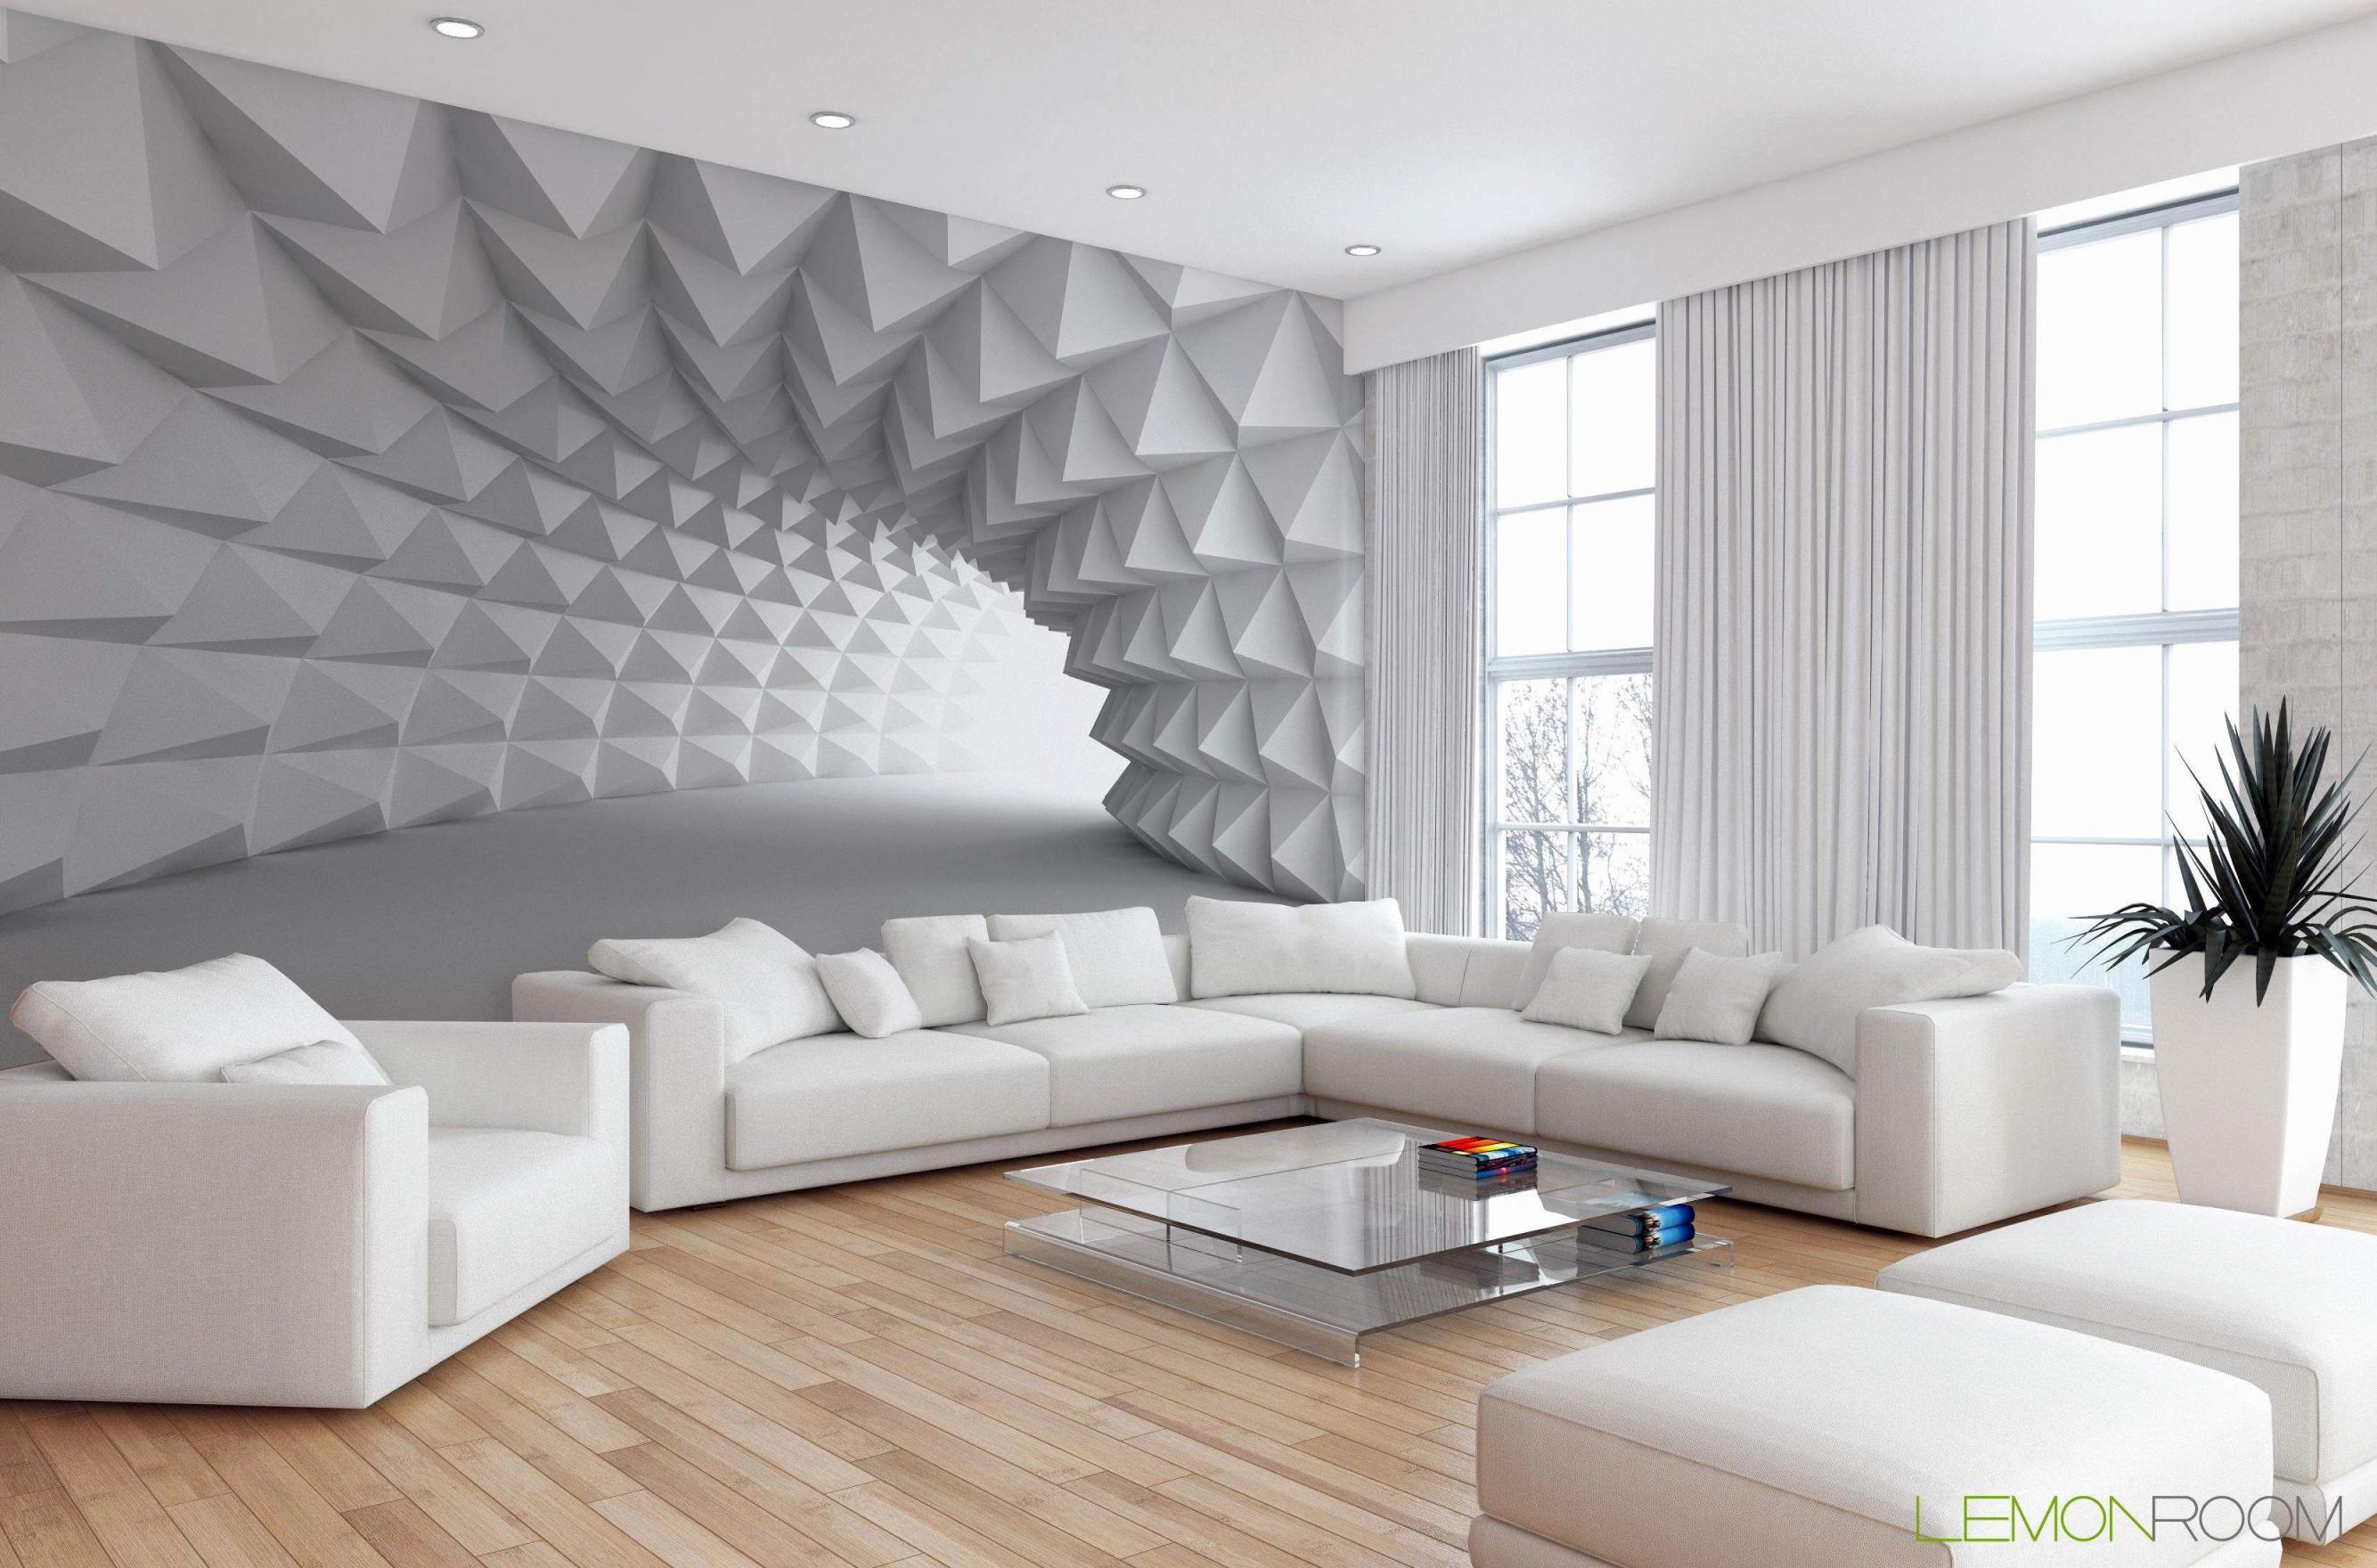 Moderne Wohnzimmer Tapeten Schön 31 Inspirierend Moderne von Moderne Tapeten Wohnzimmer Photo